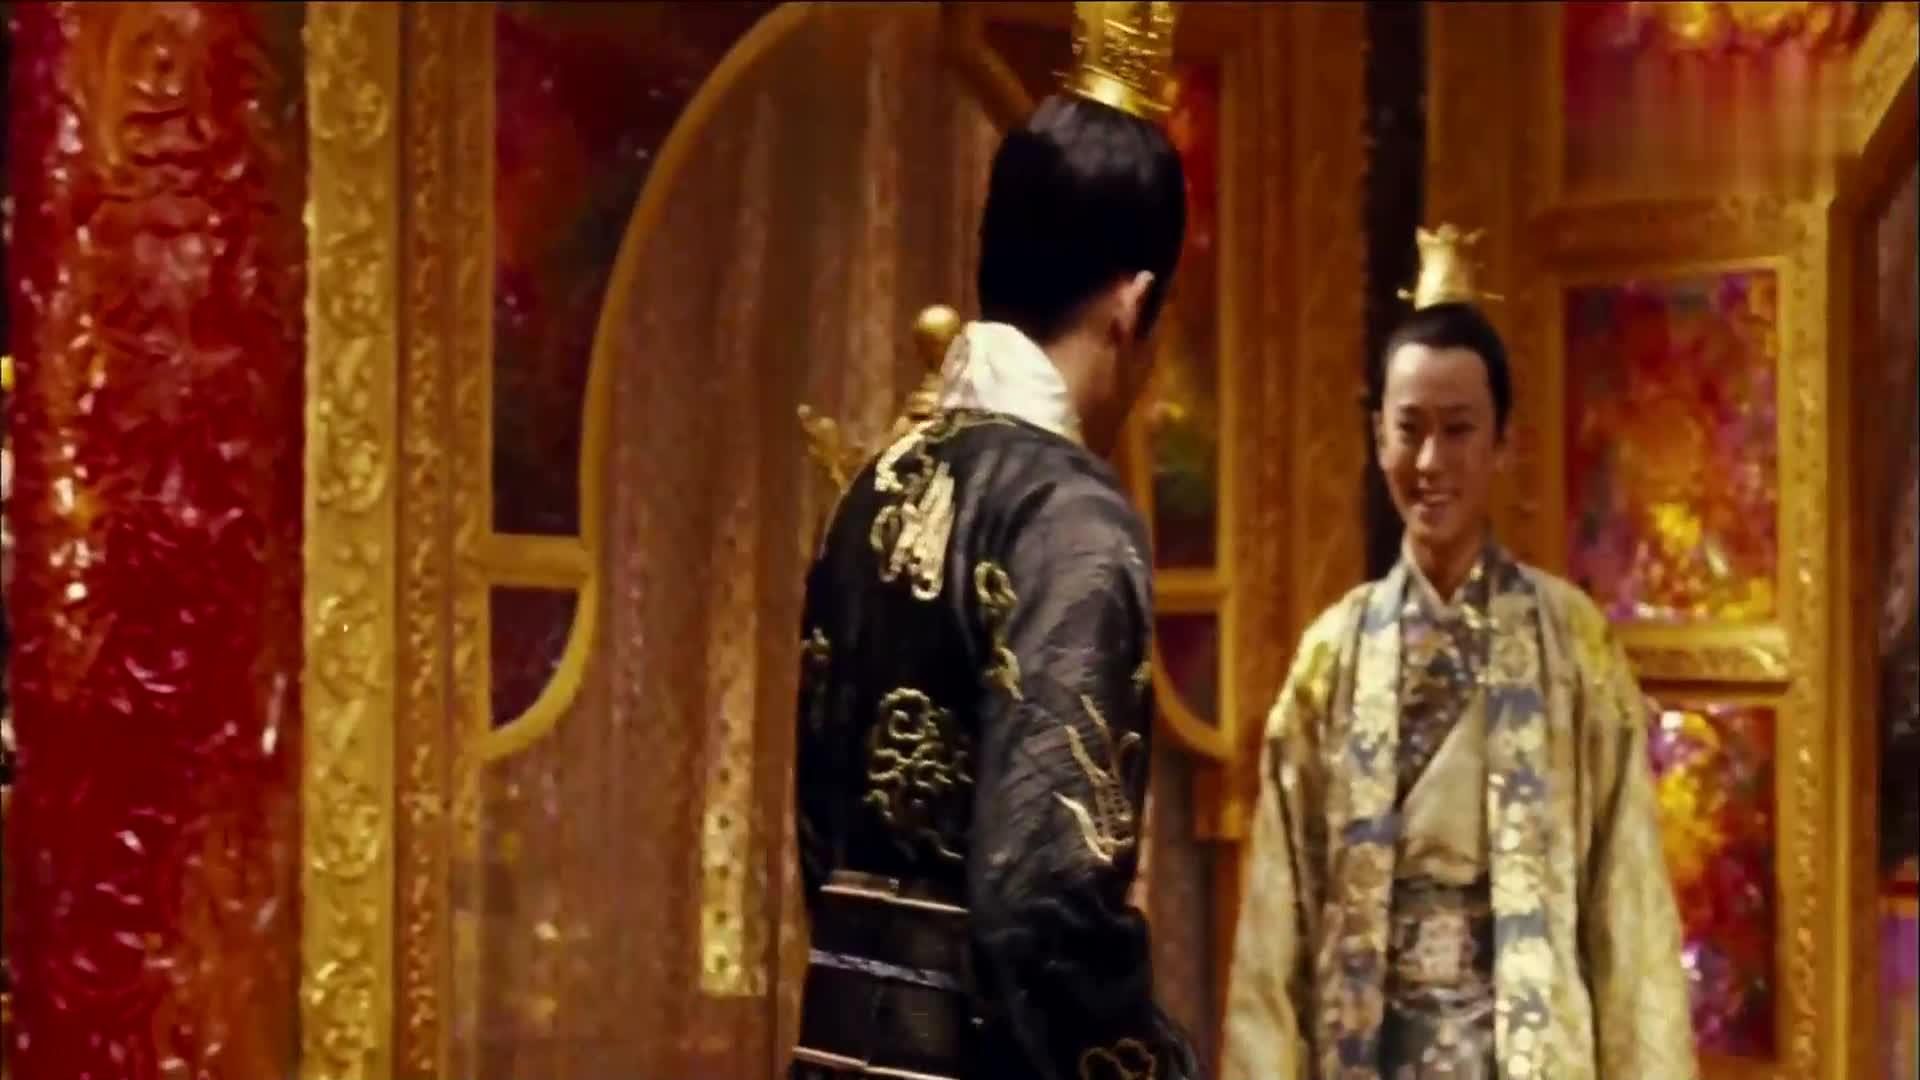 刘烨与周杰伦同时出演皇子,谁更加帅气逼人?